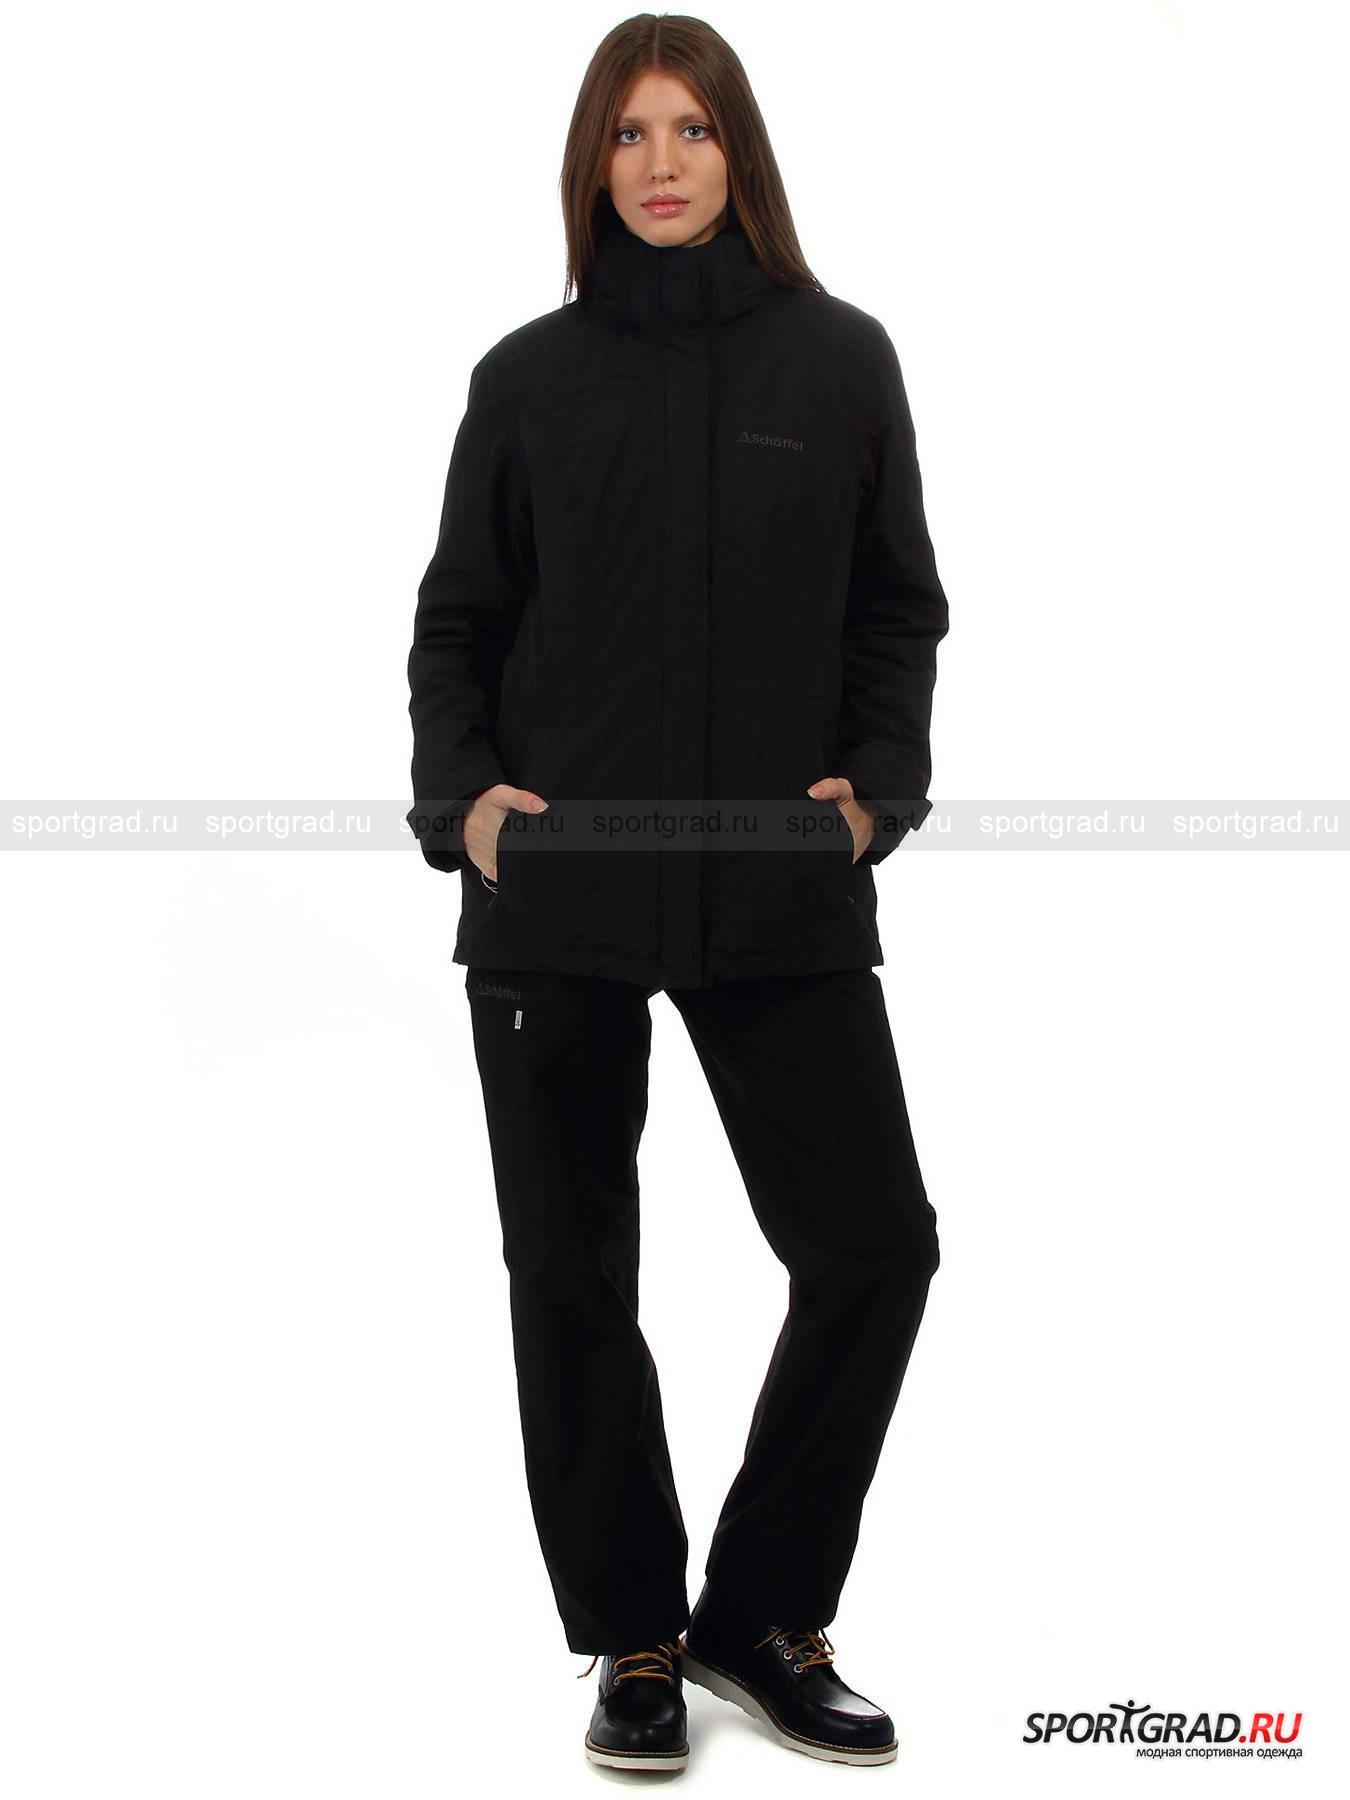 Куртка женская походная  Sion I DJ SCHOFFEL от Спортград